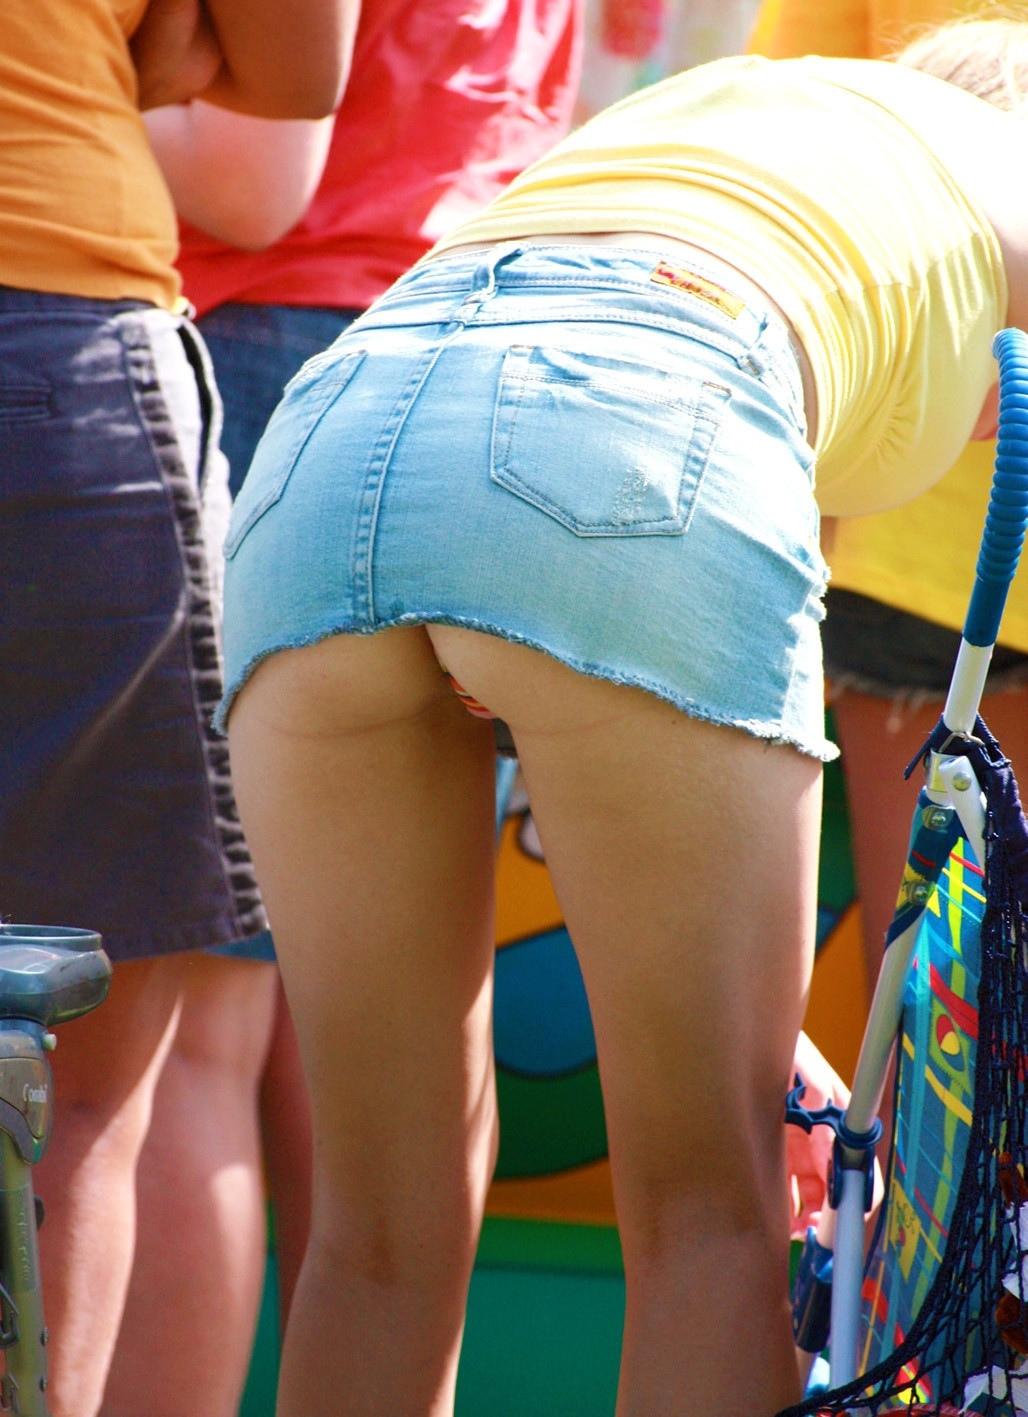 Блондинка в джинсовой мини-юбке засветила полосатые трусики